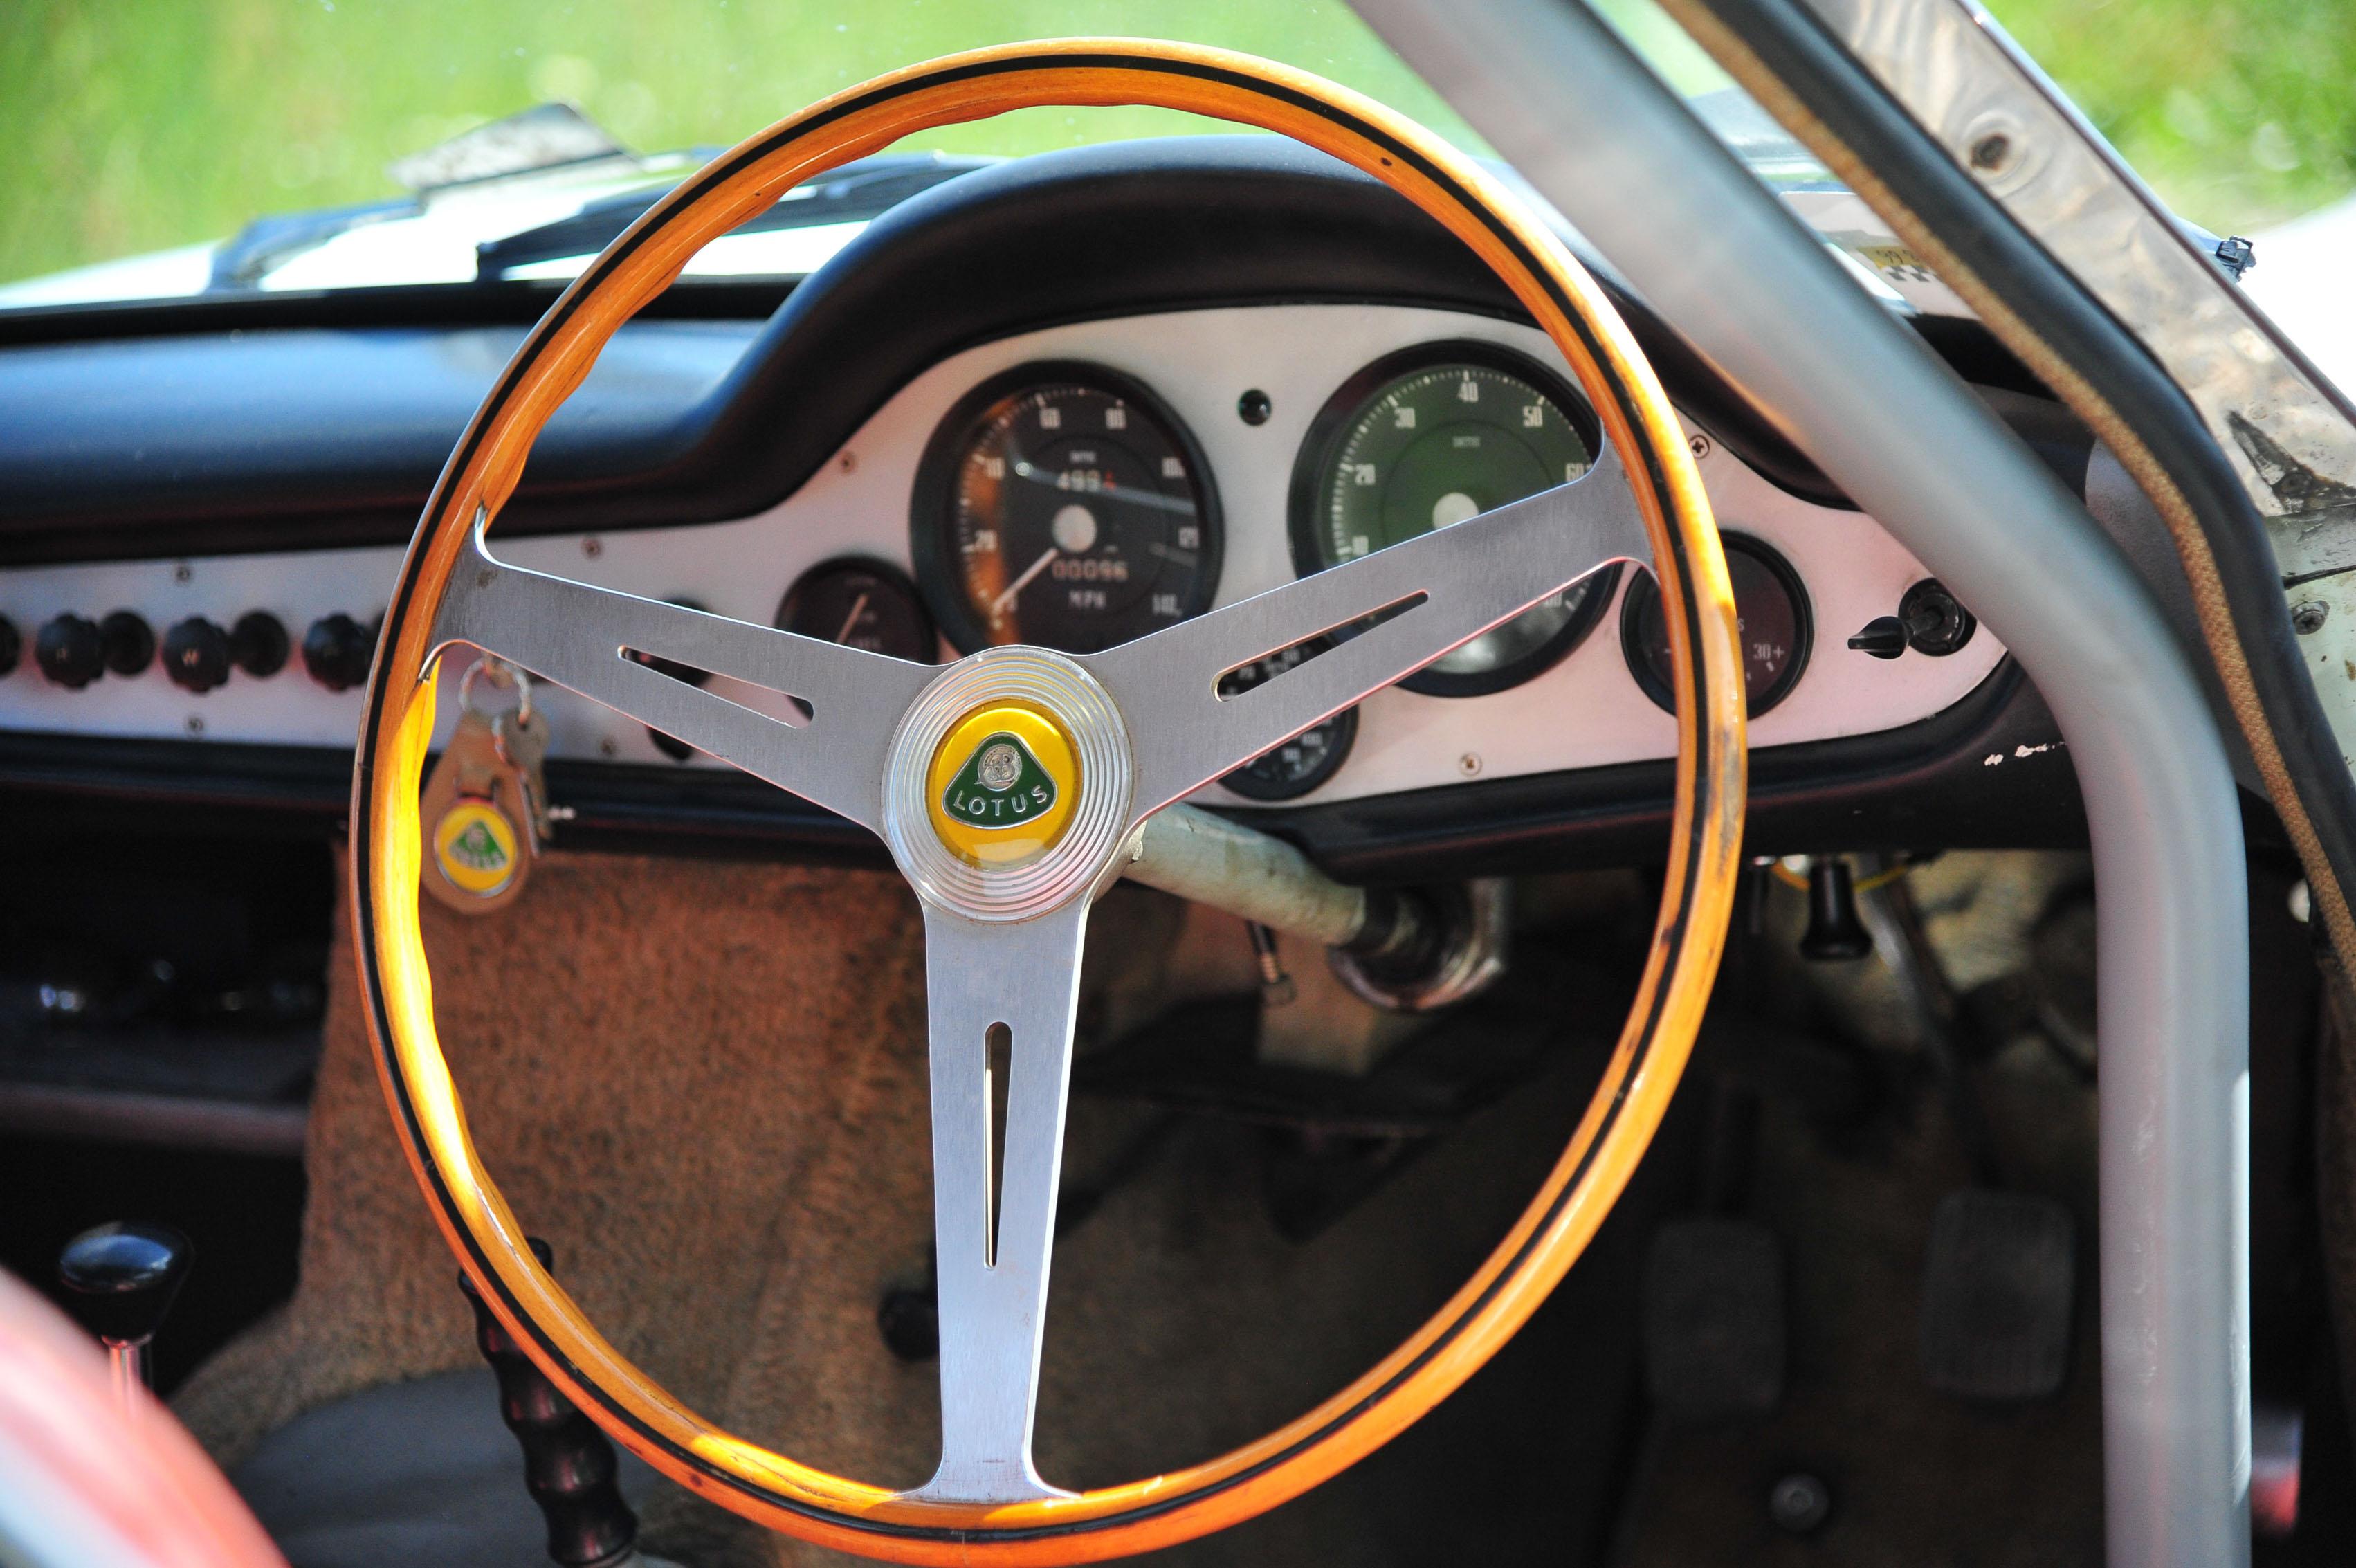 1961 Type 14 Lotus Elite steering wheel